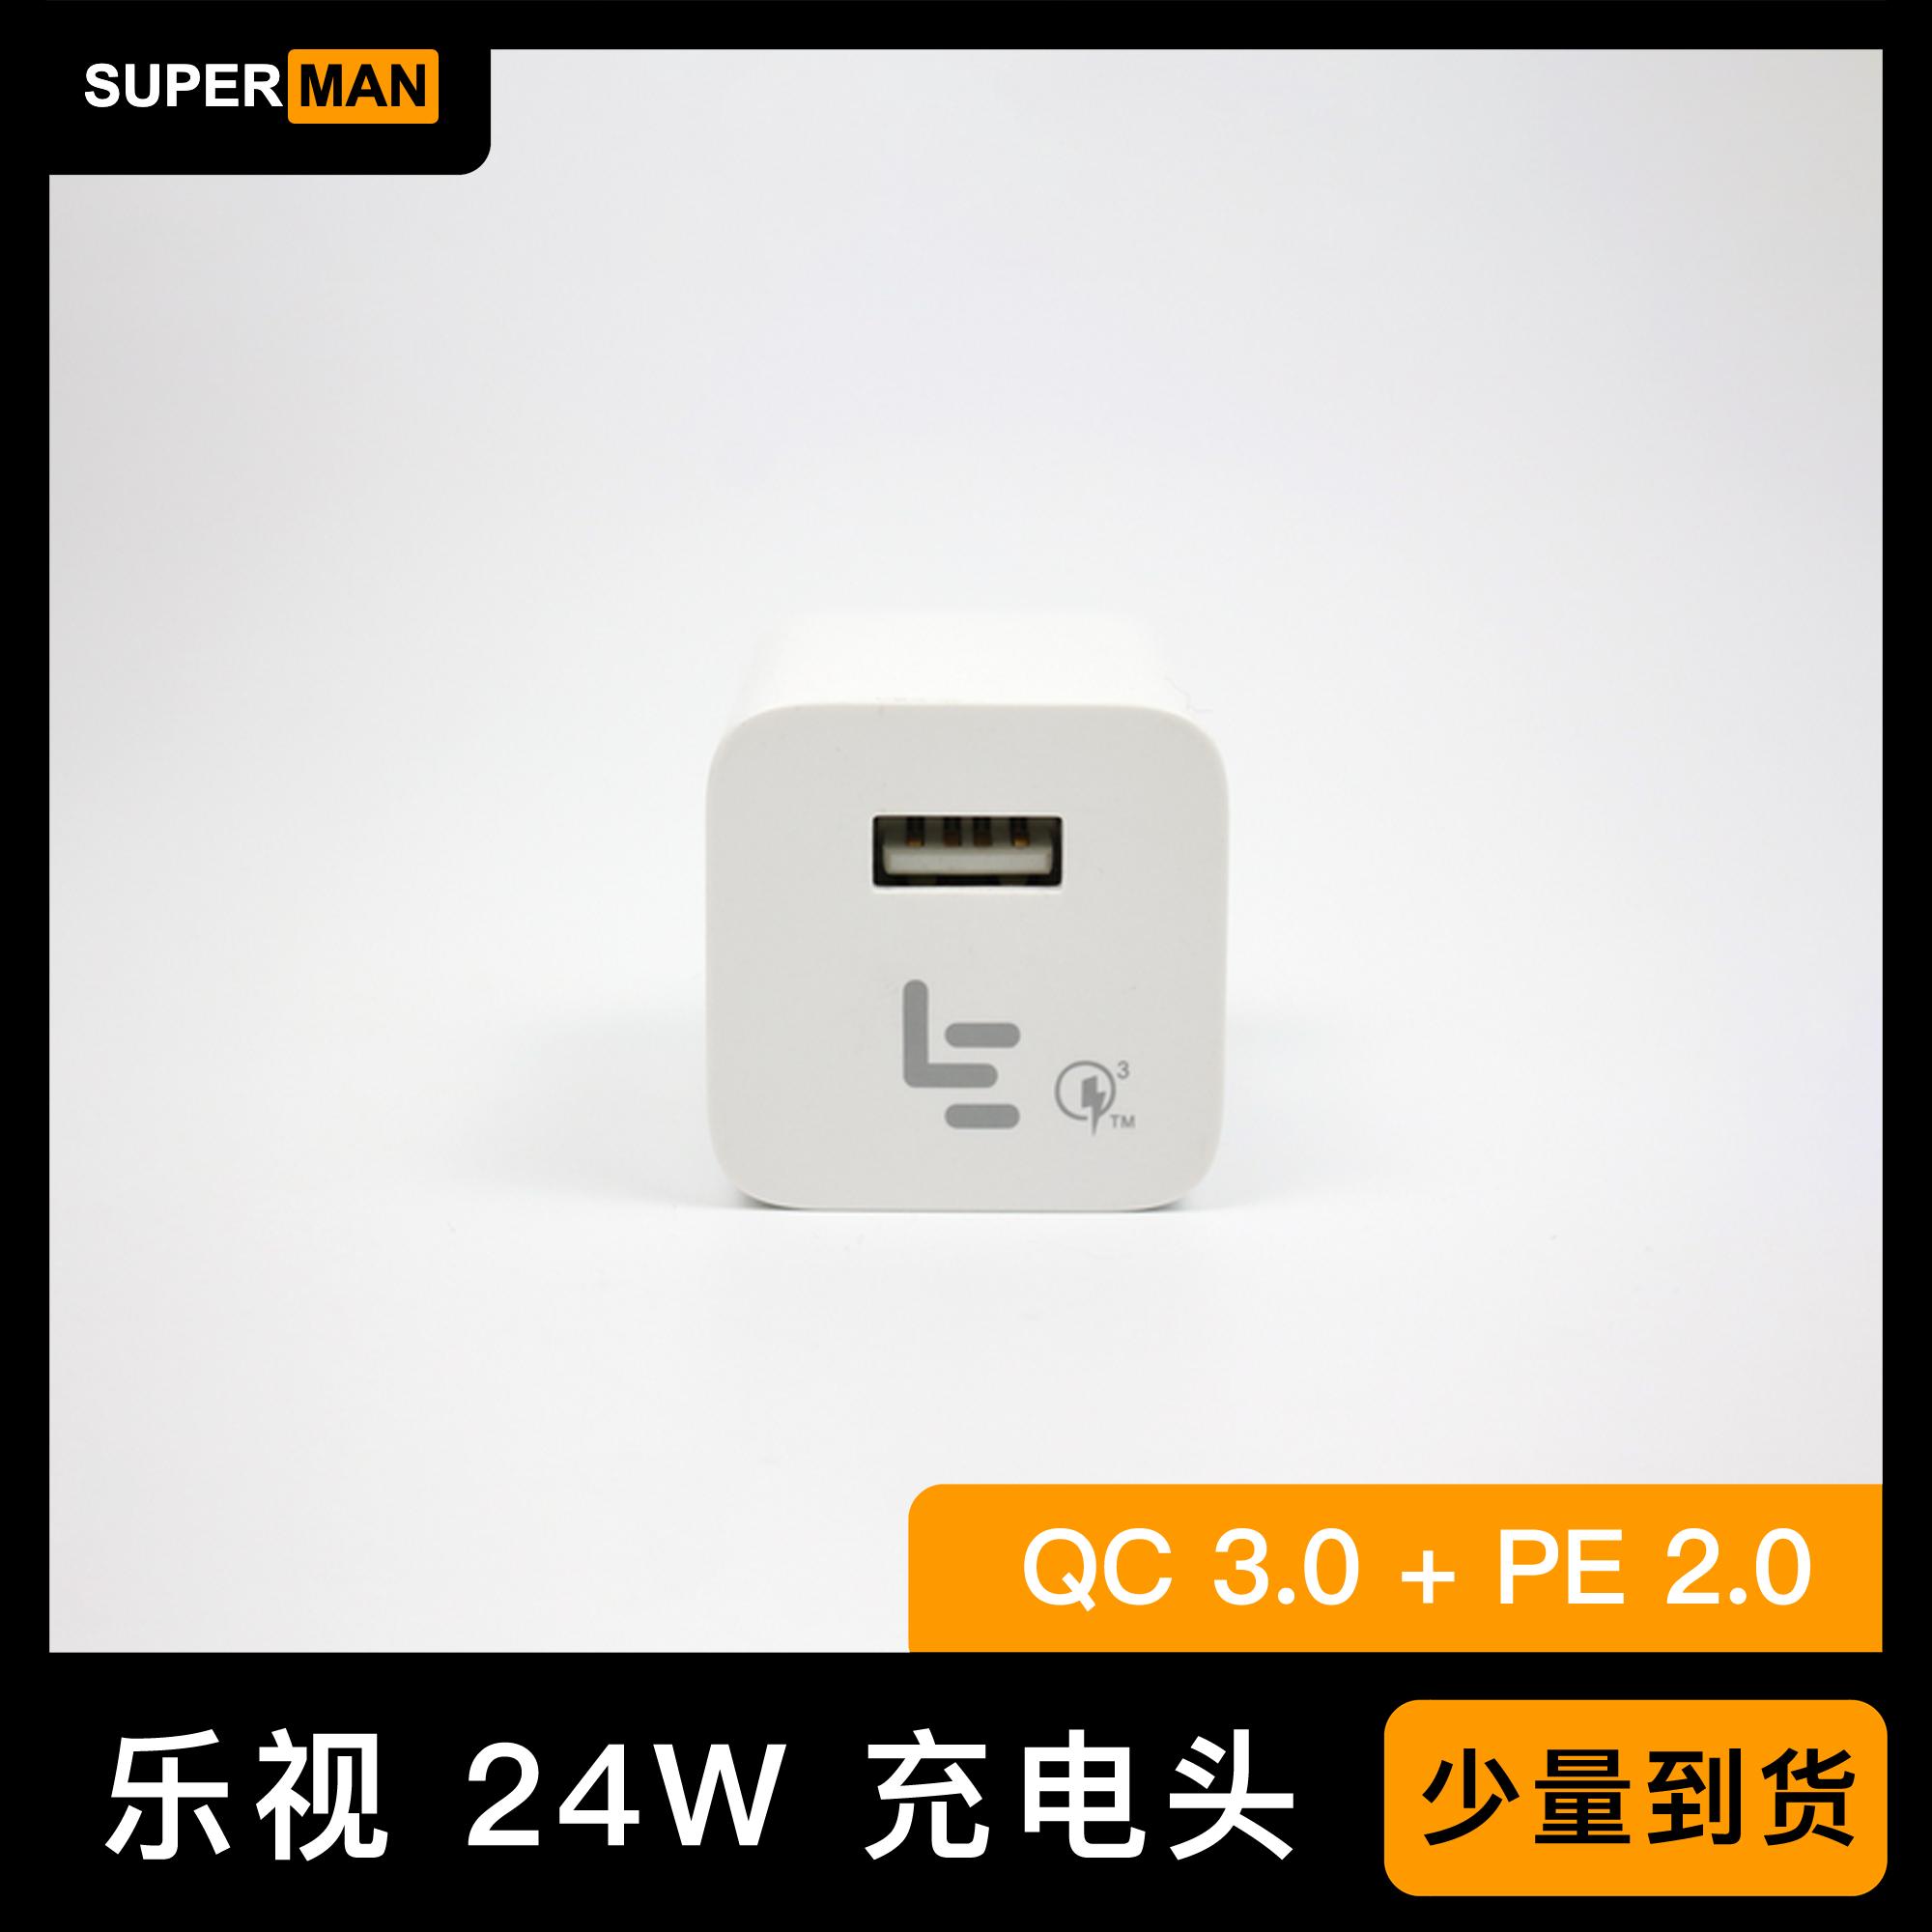 超人数码 乐视原装正品24BCN快充头原装QC3.0+PE2.0充电器